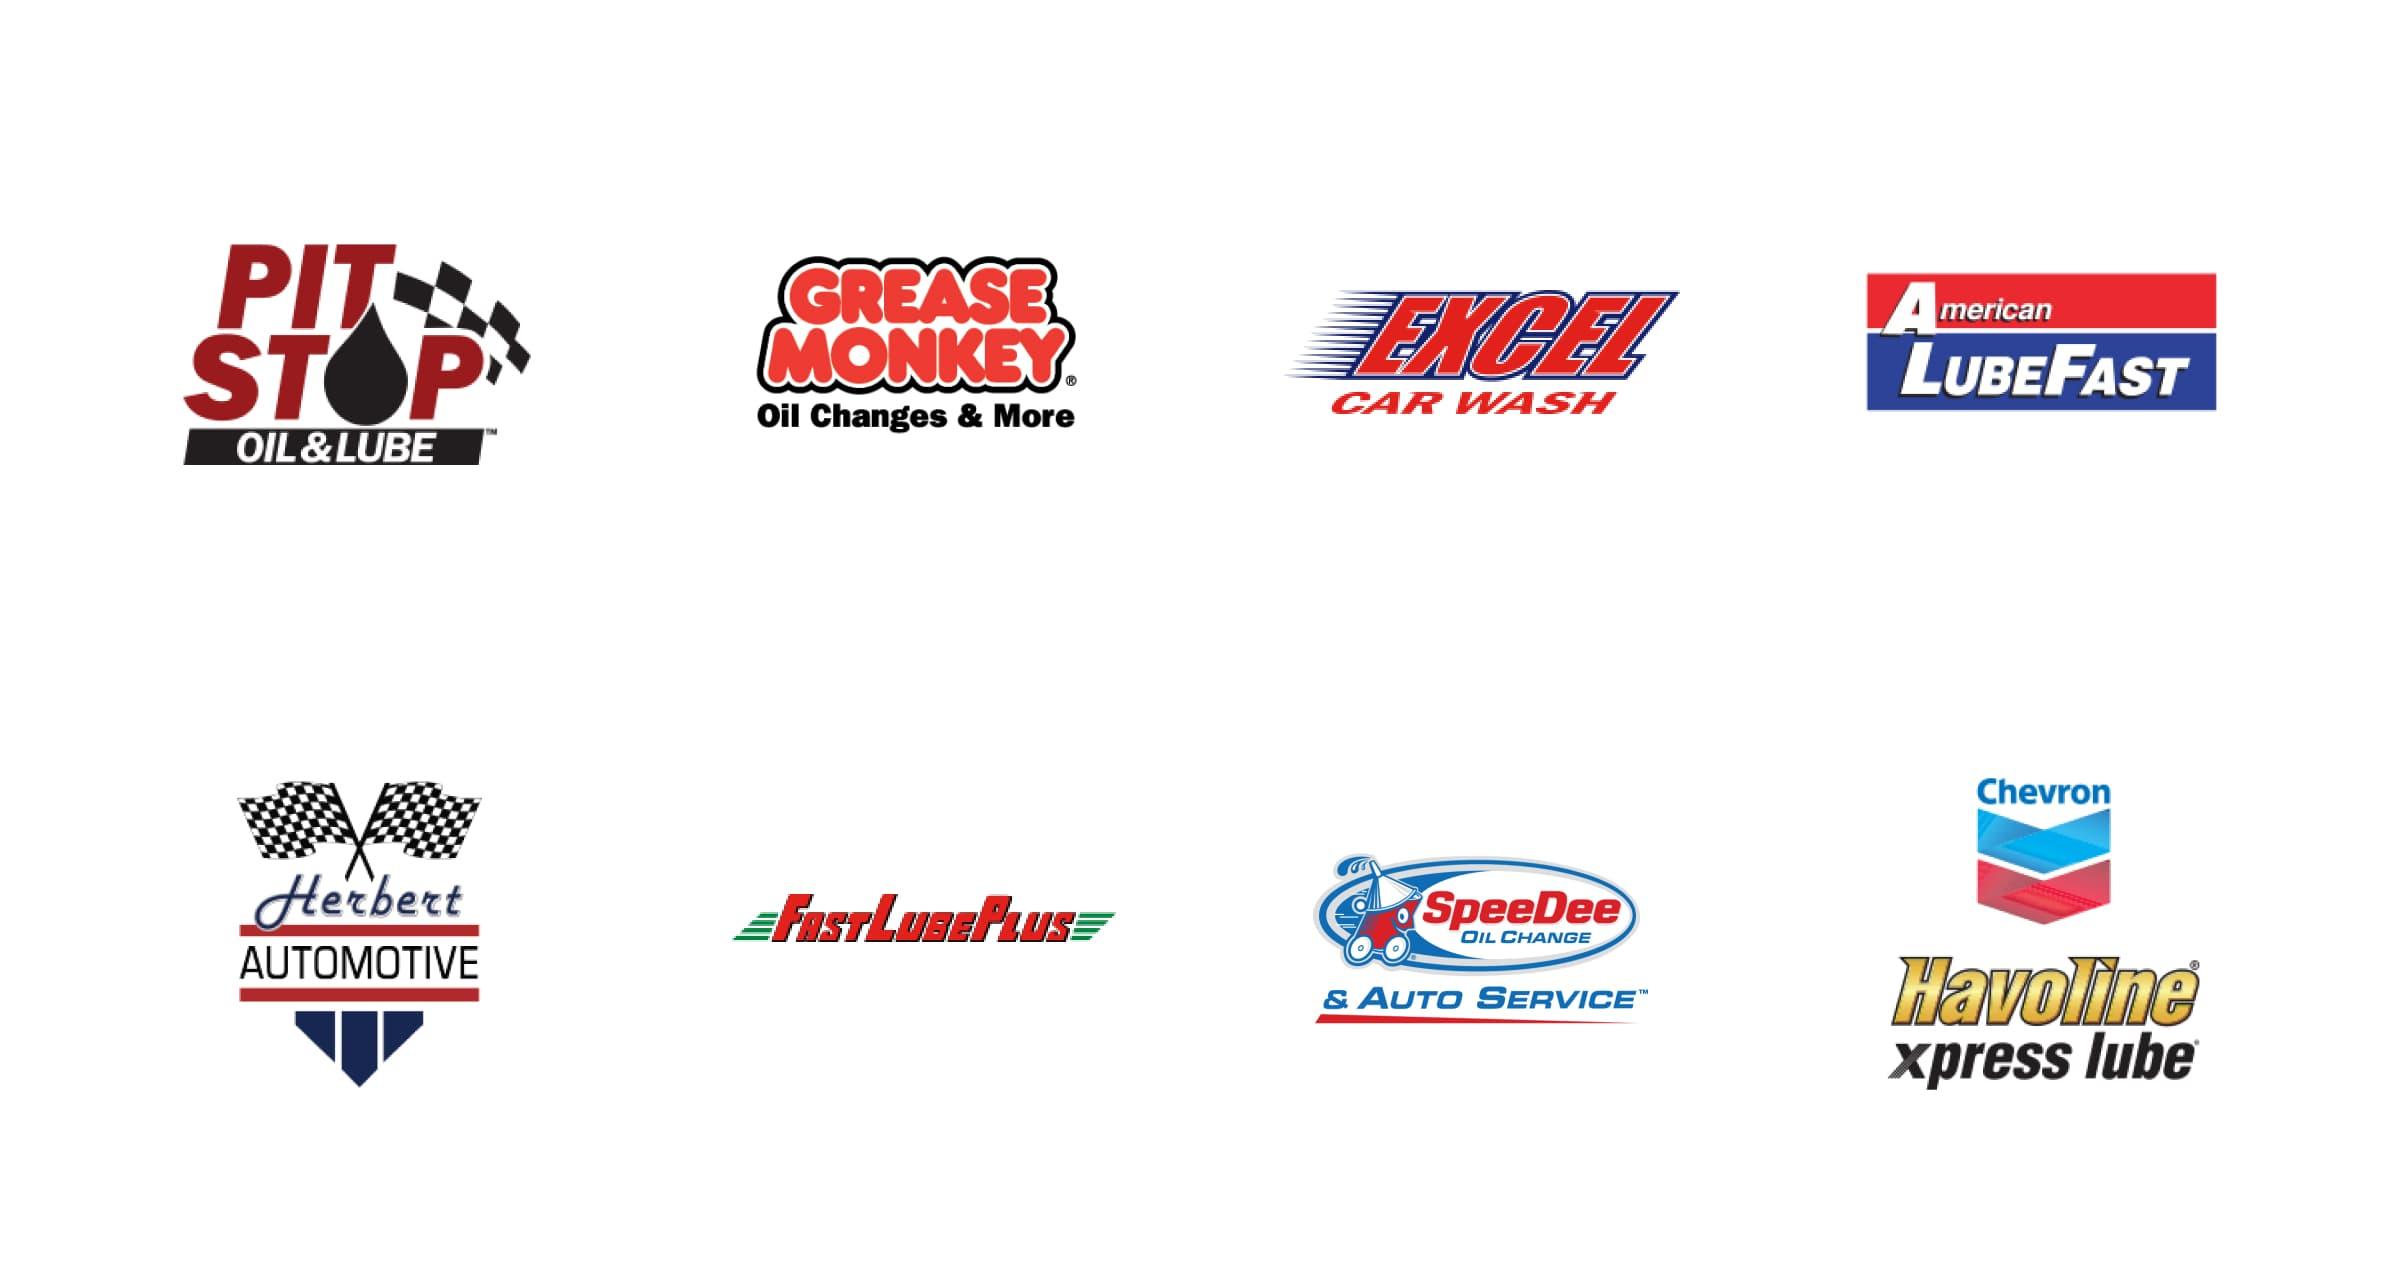 Fullspeed brands